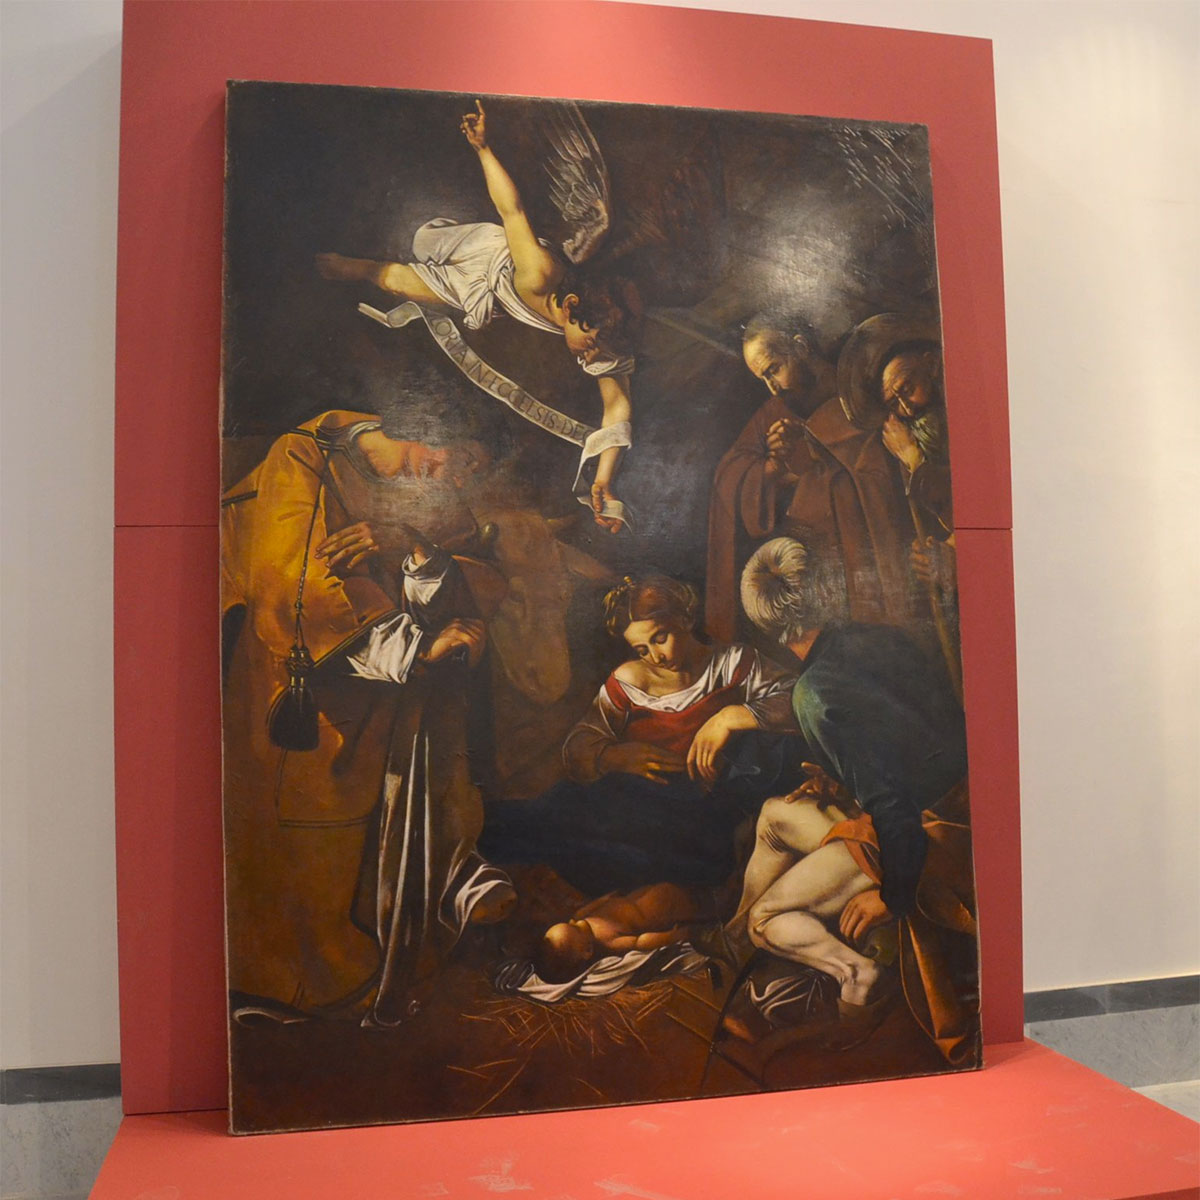 La replica della Natività coi Santi Lorenzo e Francesco d'Assisi (di Caravaggio), a Palermo